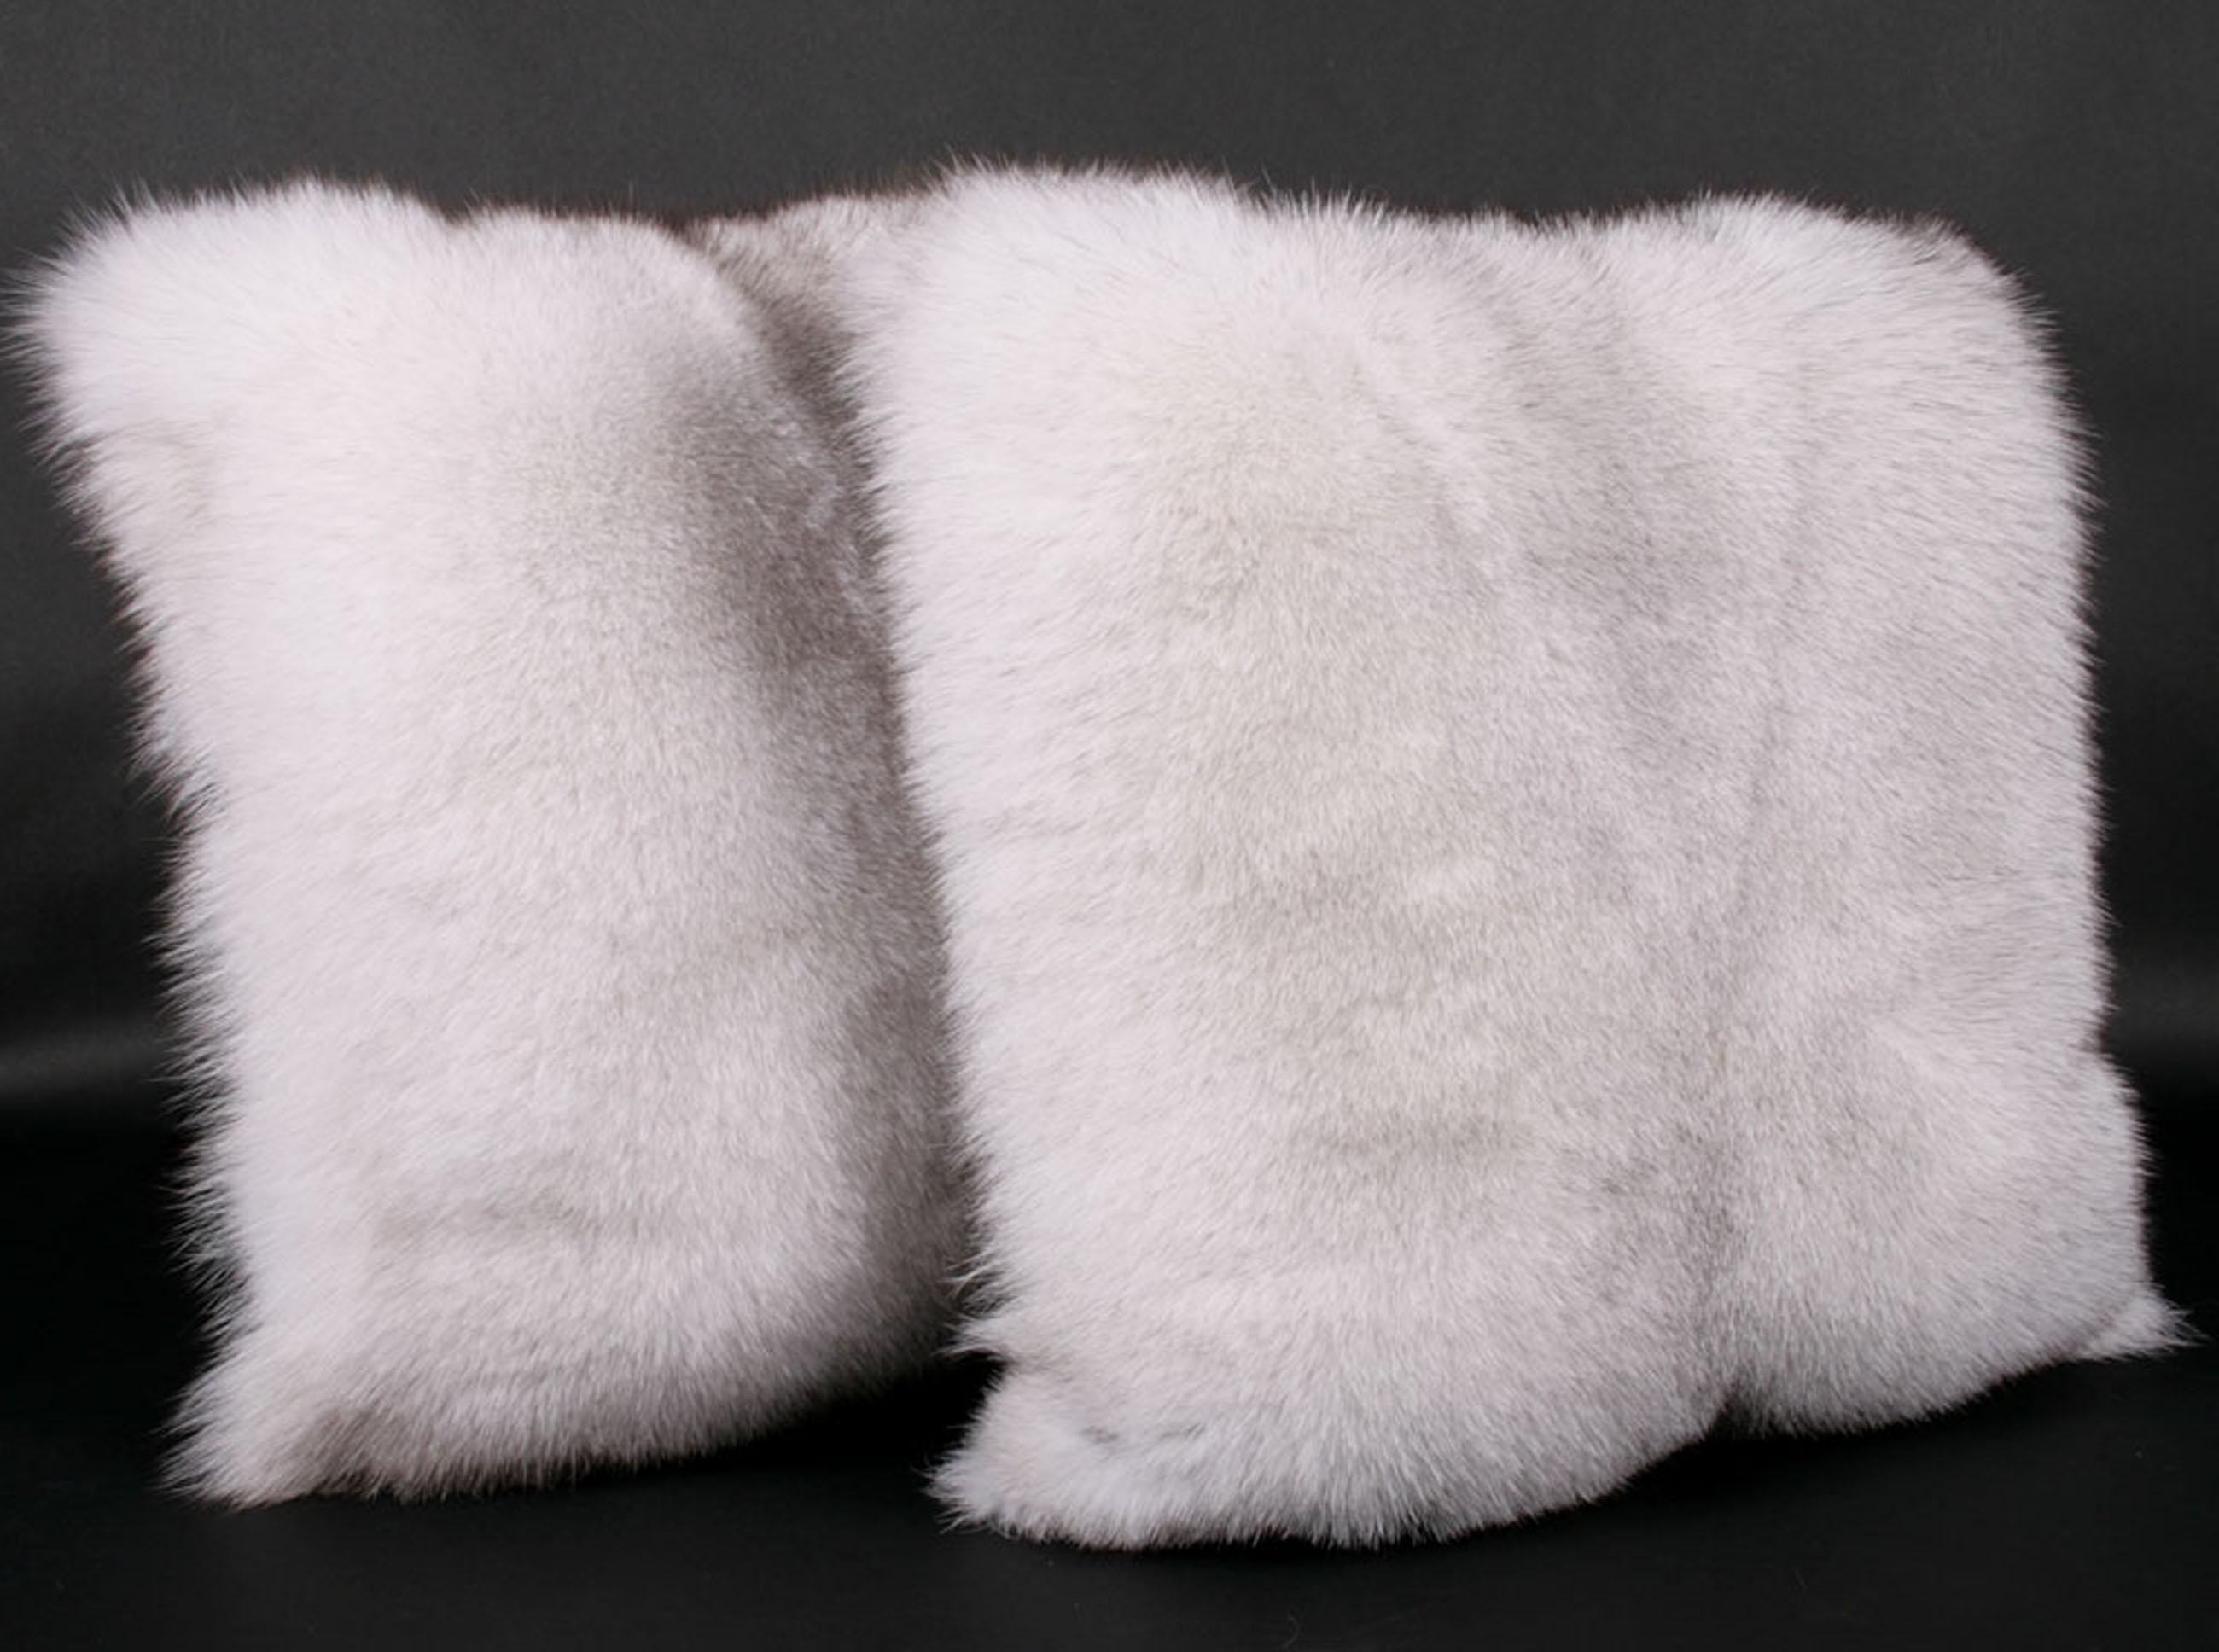 pillows pdx fox pillow decor peking wayfair handicraft